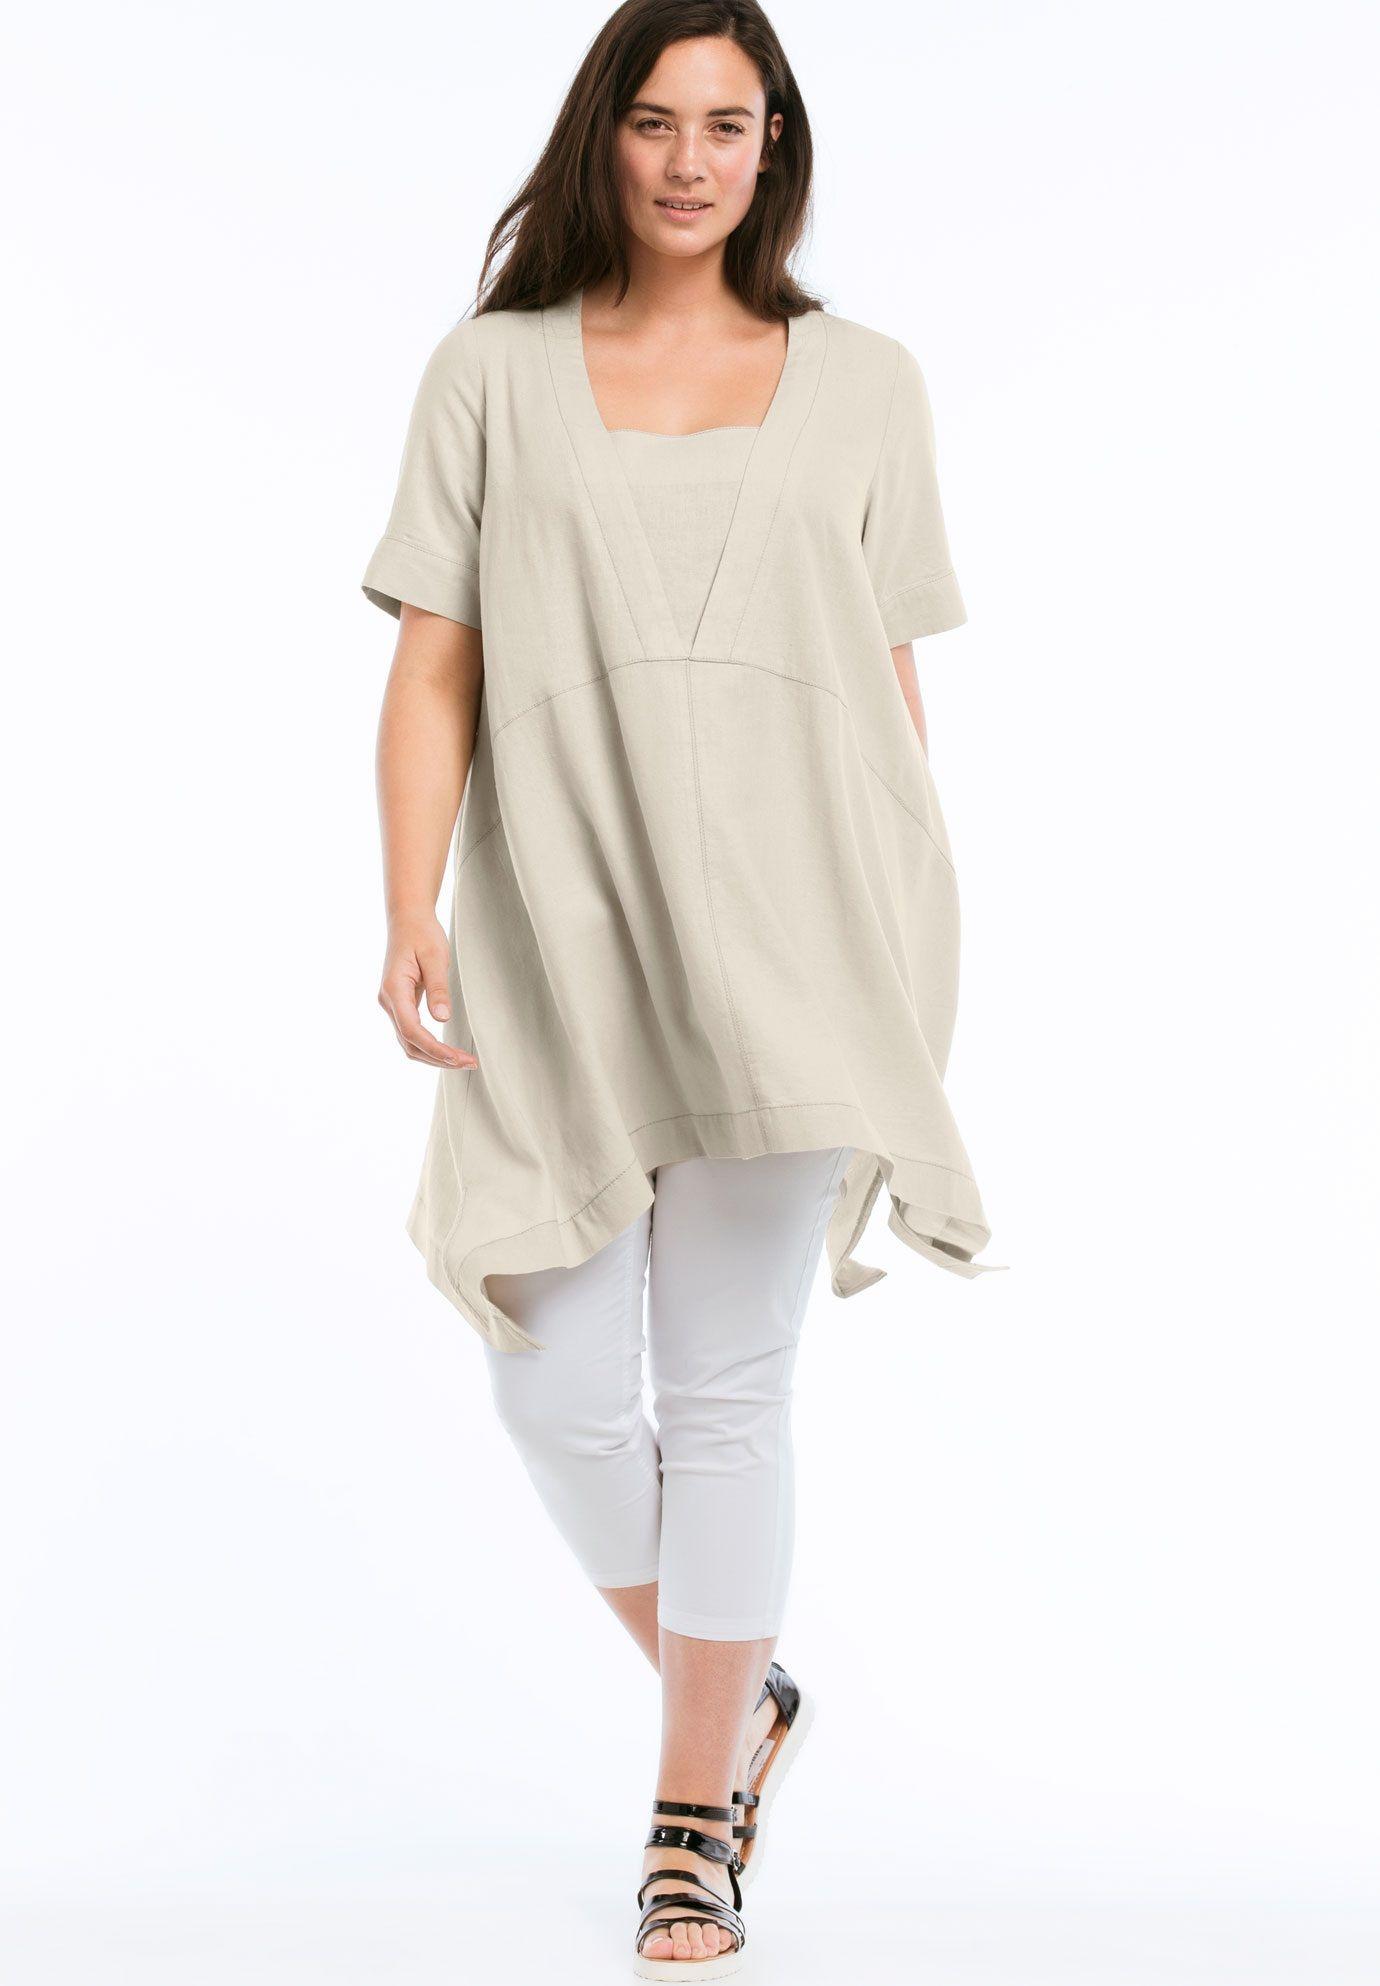 c707d6cc5 Linen-Blend Hanky Hem Tunic by ellos - Women s Plus Size Clothing ...